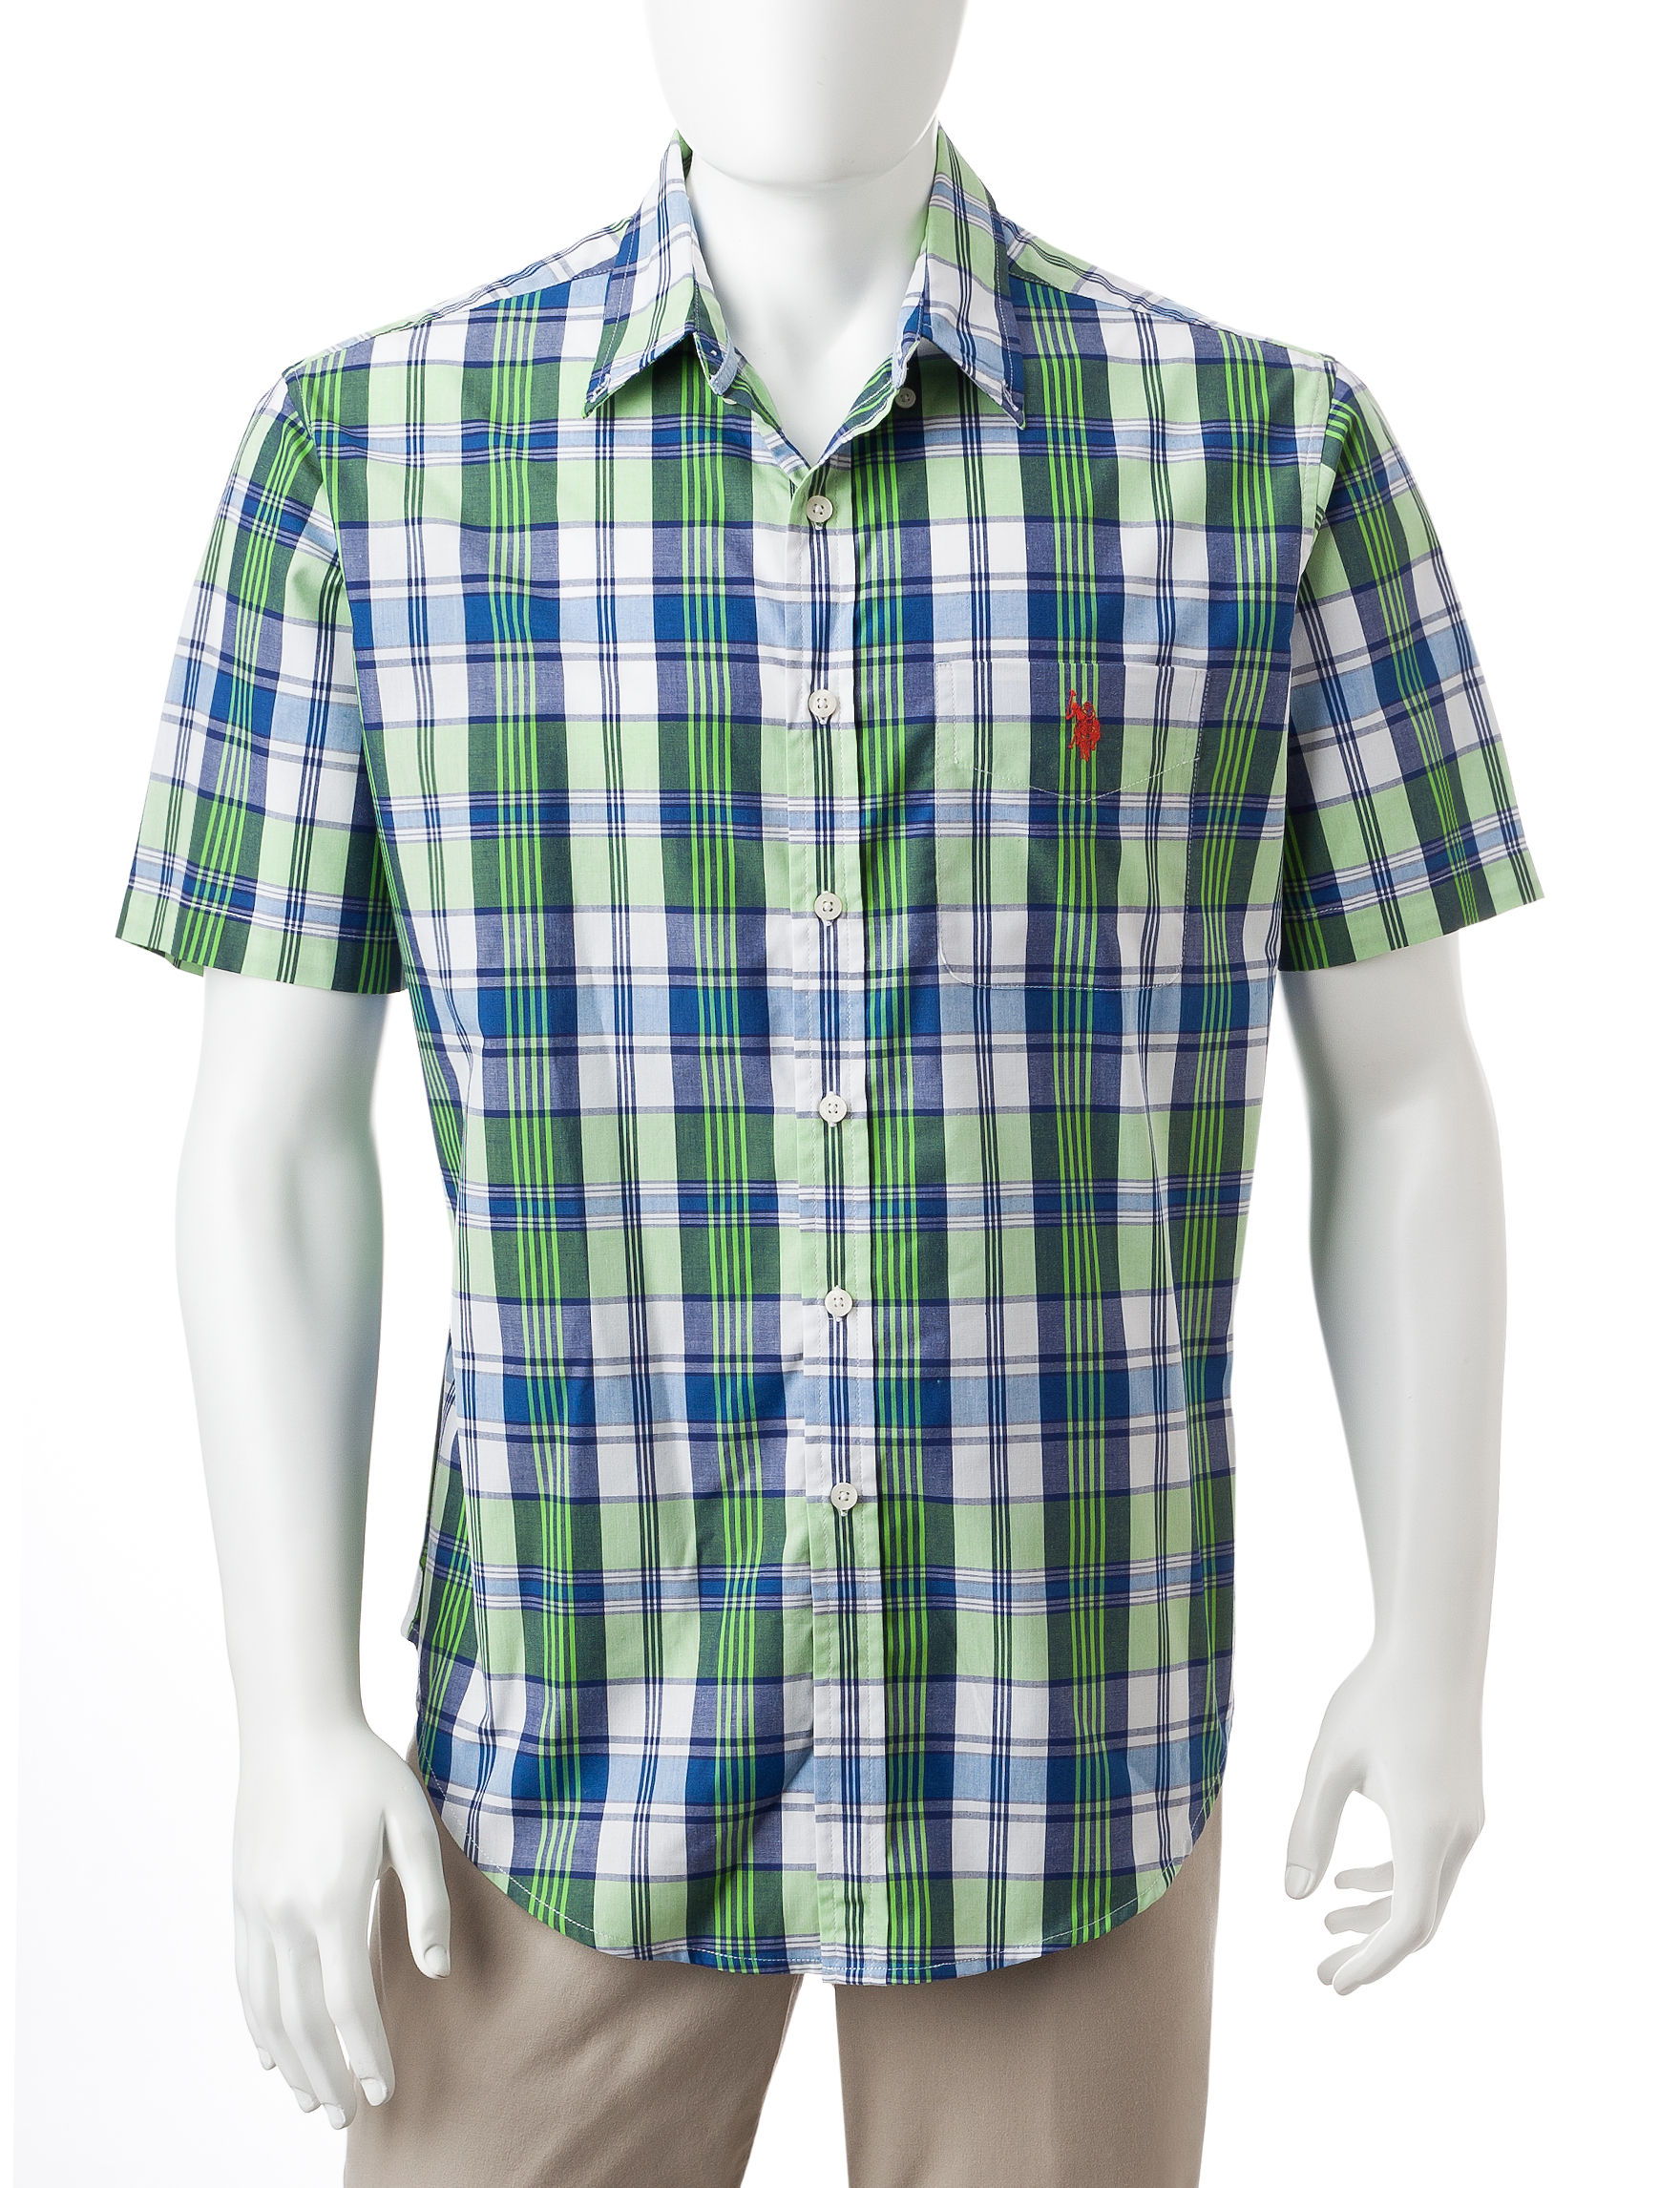 U.S. Polo Assn. Green Plaid Casual Button Down Shirts